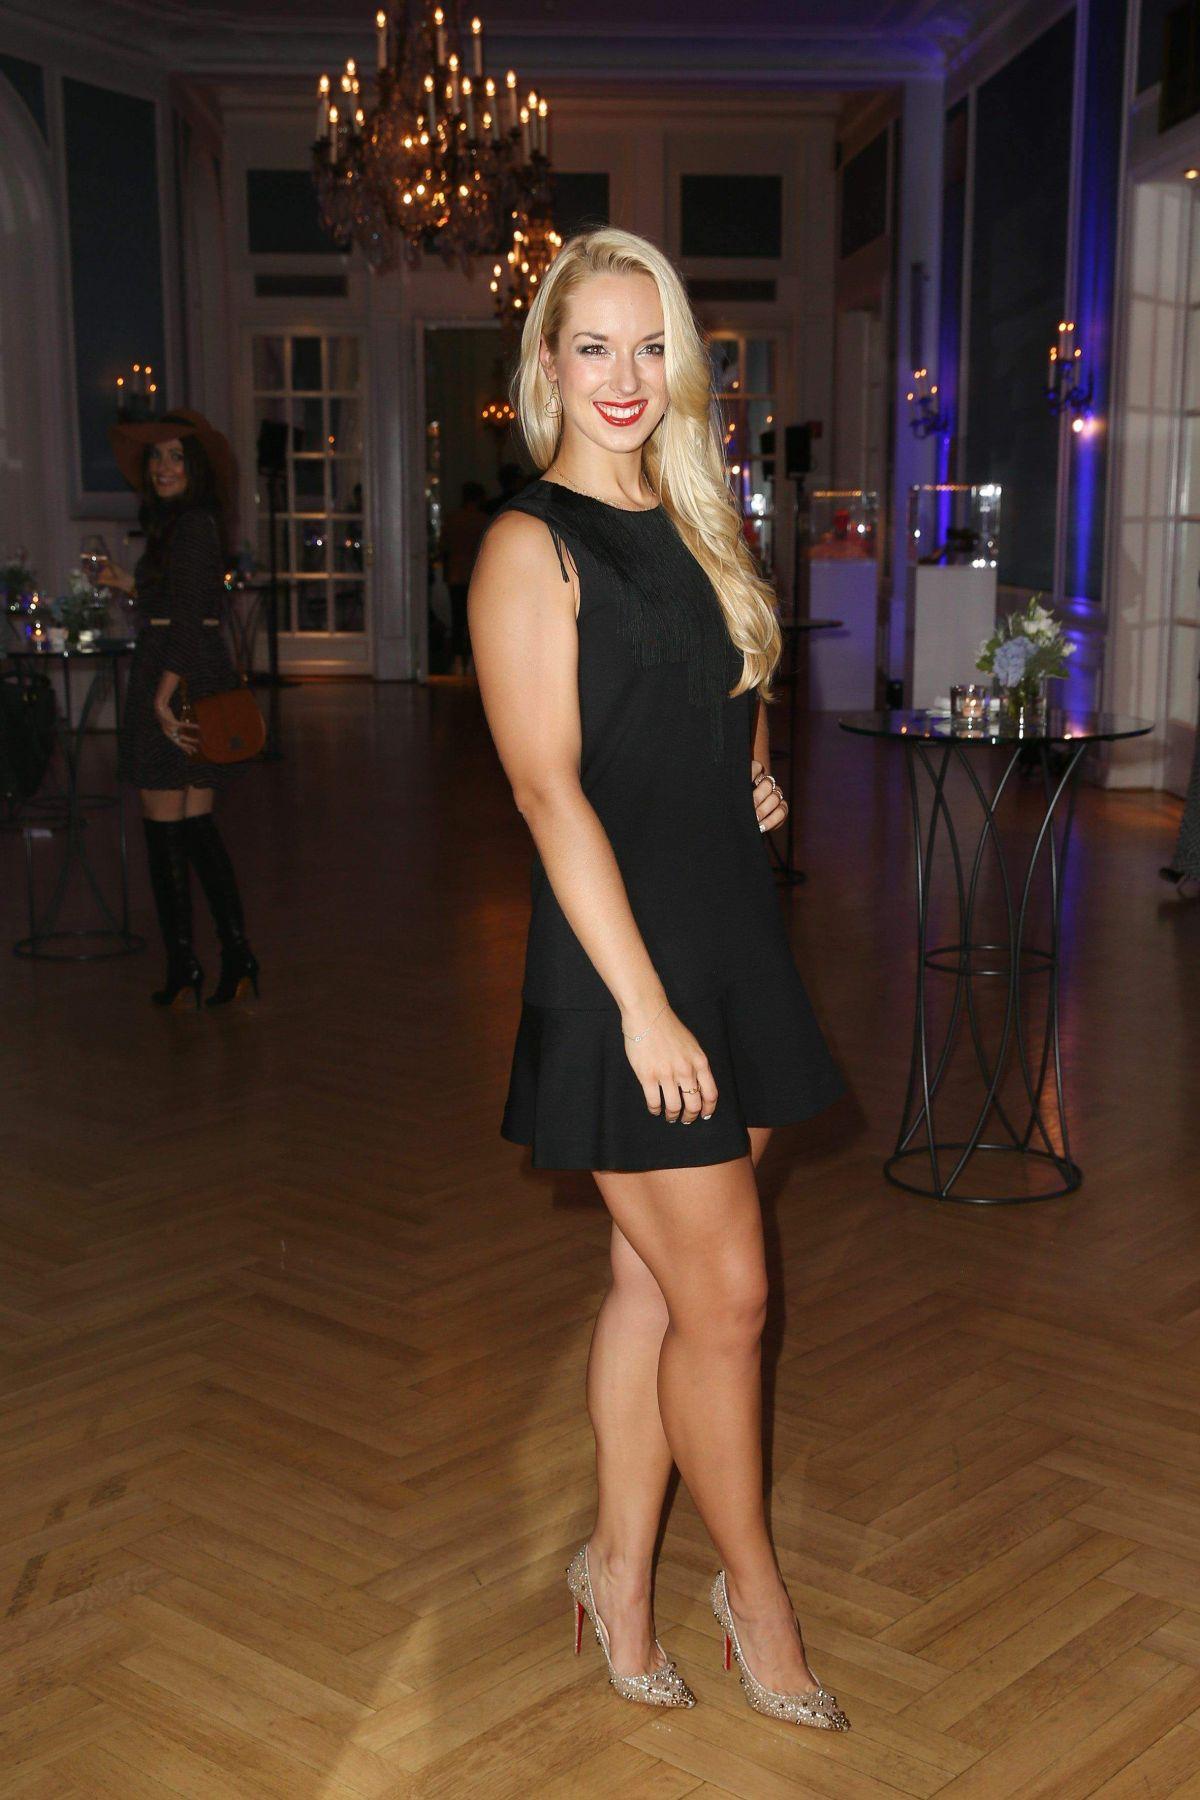 Sabine Lisicki Shoe Size